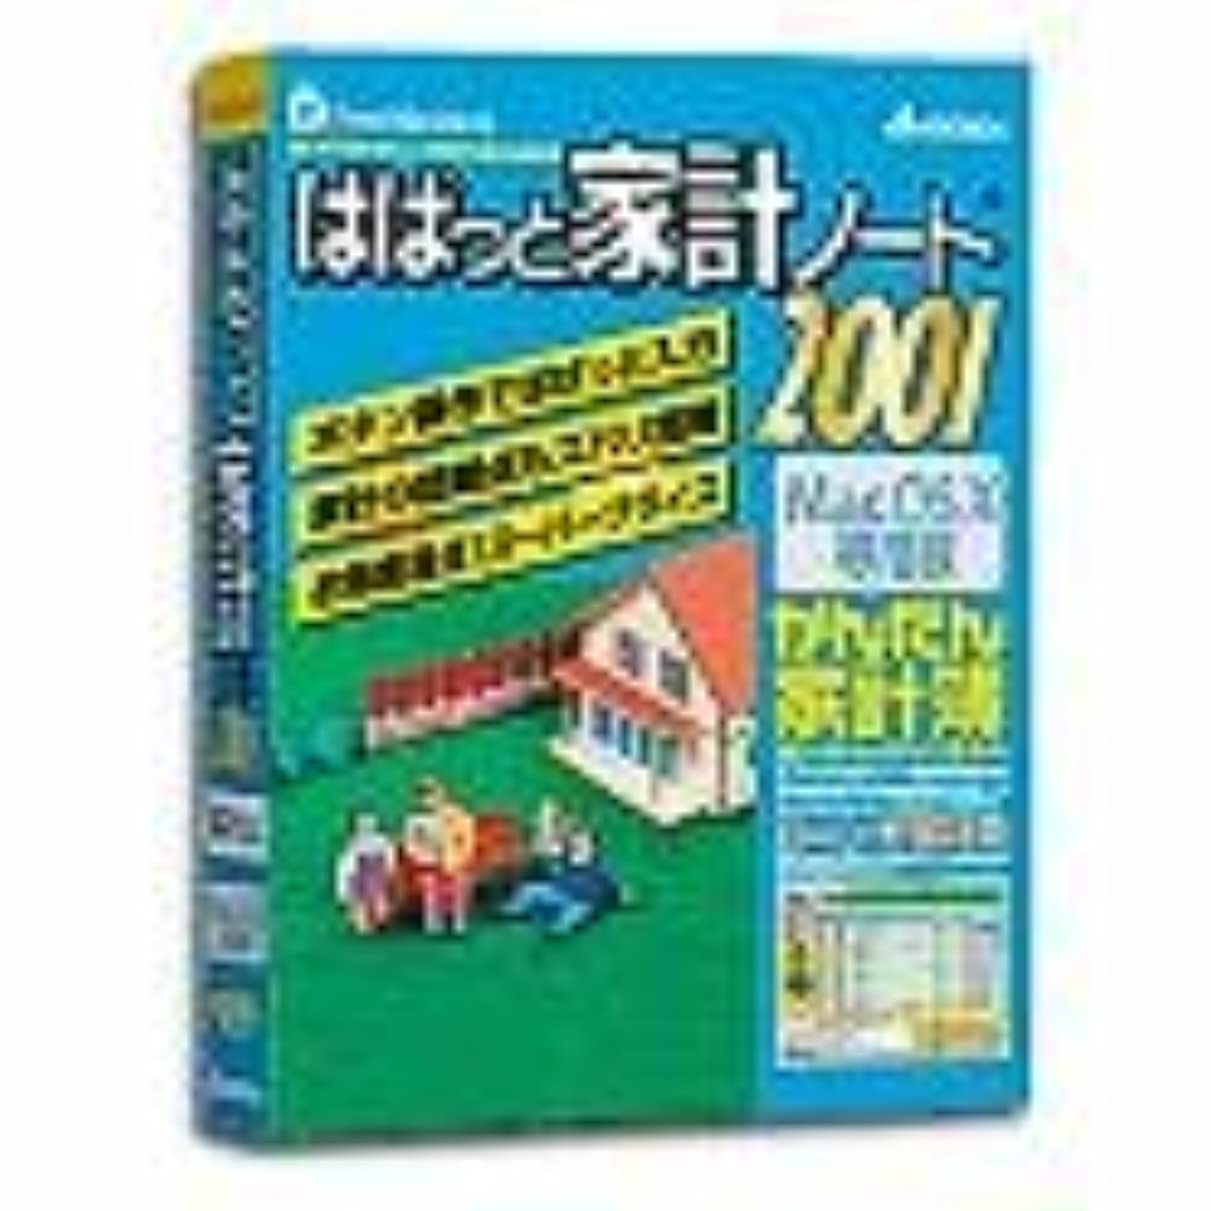 発生気づかない縞模様のぱぱっと家計ノート2001 MacOS X専用版